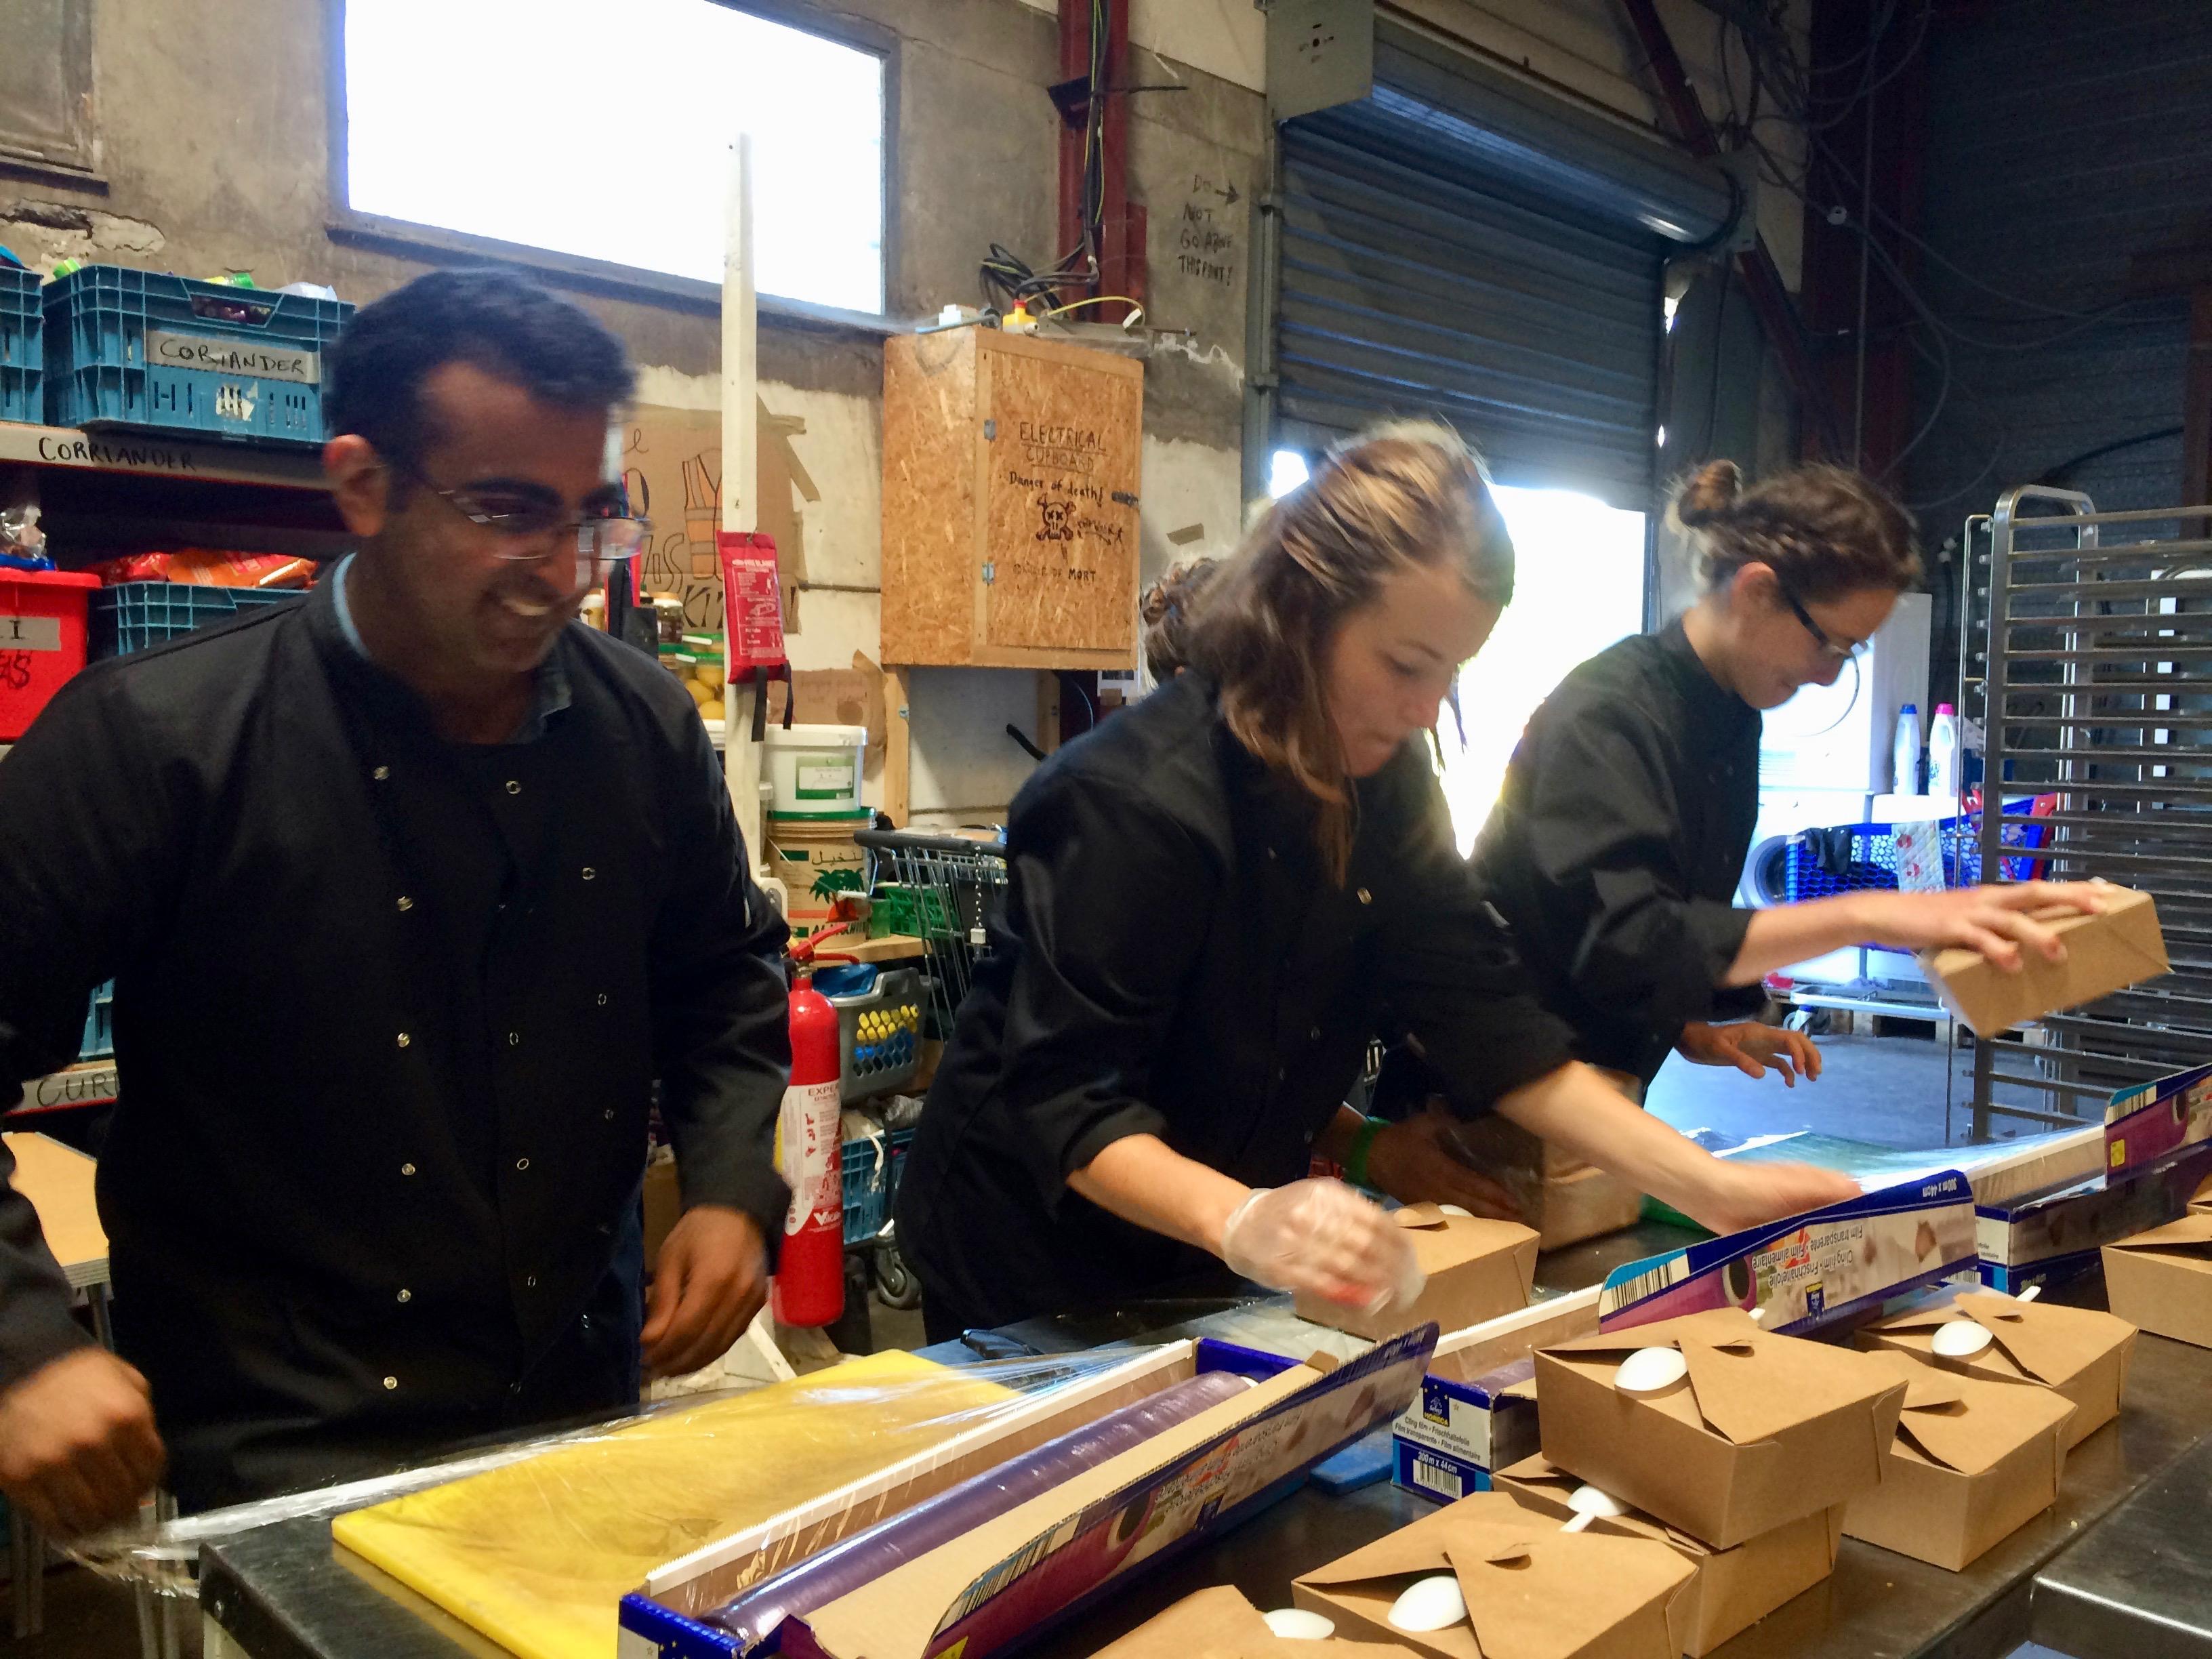 Volontari che preparano il cibo per i migranti all'Auberge des Migrants (foto: Emanuela Barbiroglio)